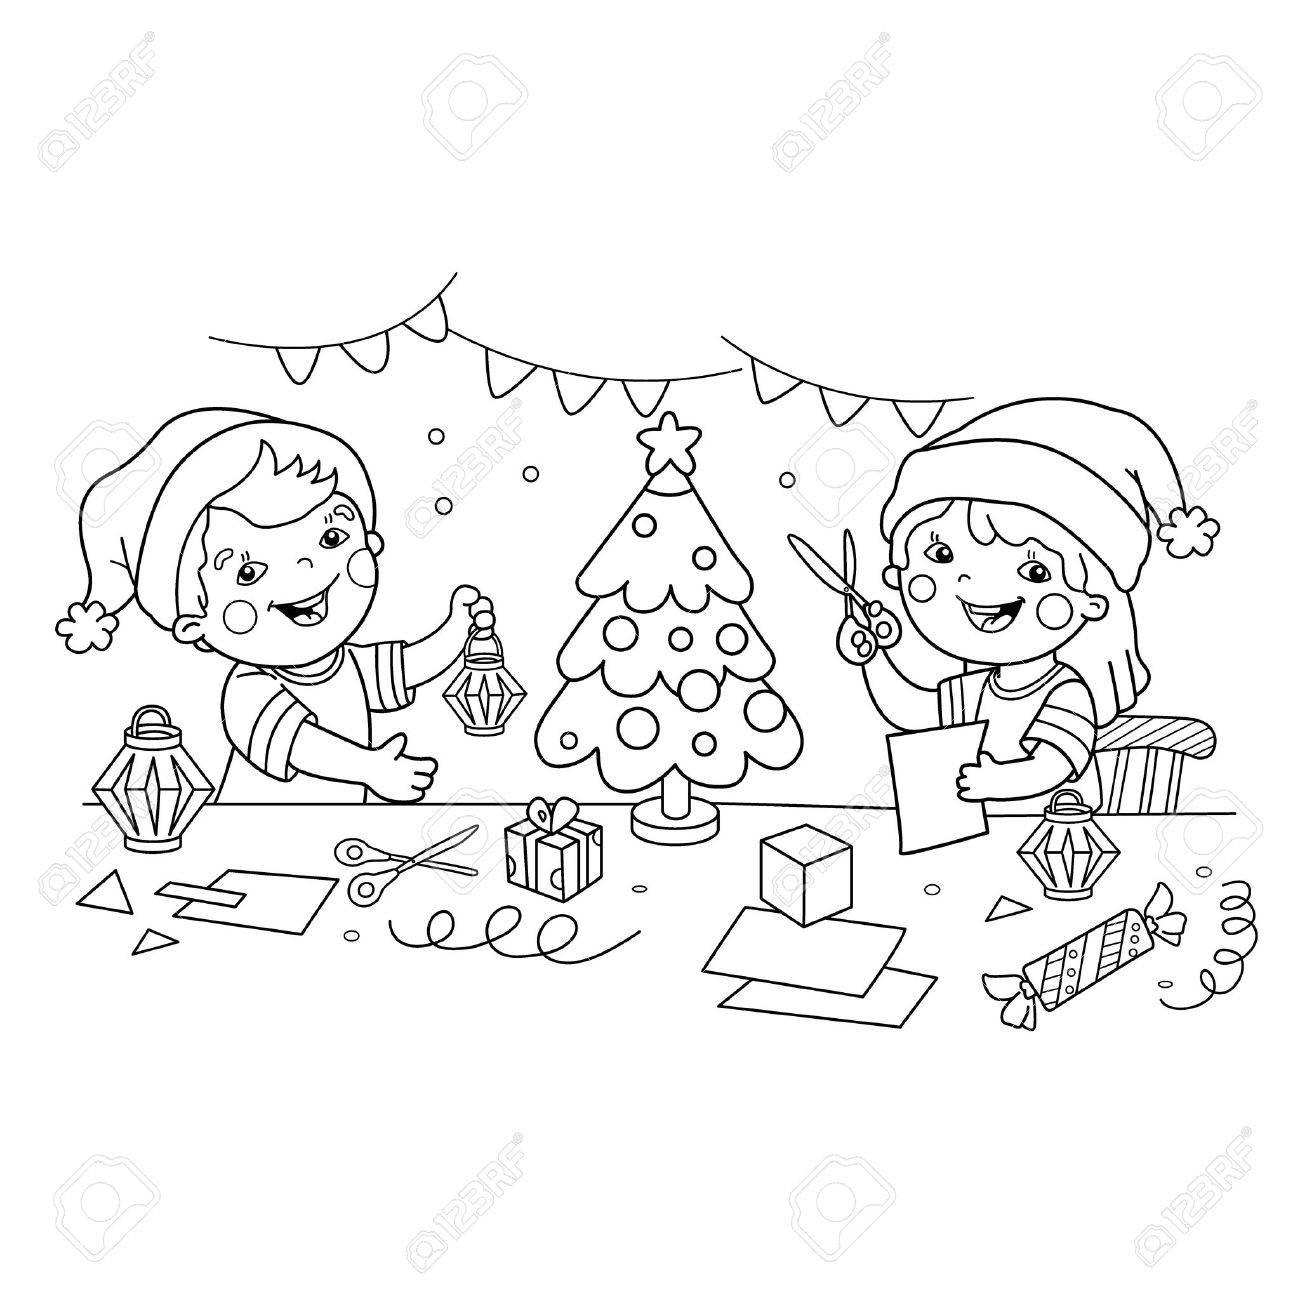 Página Para Colorear Esquema De Los Hijos Sitúan Papel Faroles De Navidad Navidad Año Nuevo Libro De Colorear Para Niños